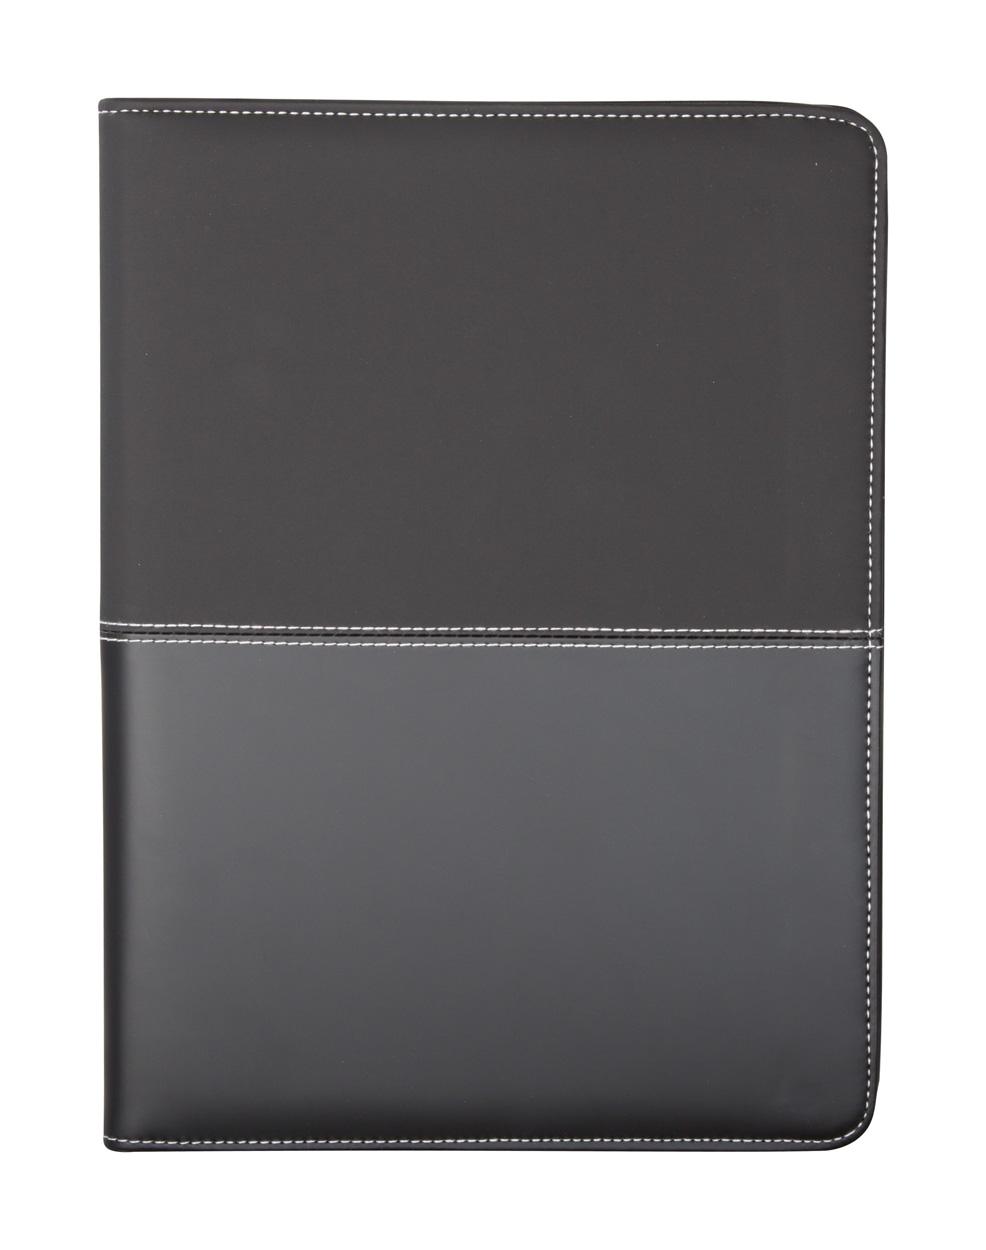 Duotone Zip Cartella portadocumenti A4 con cerniera